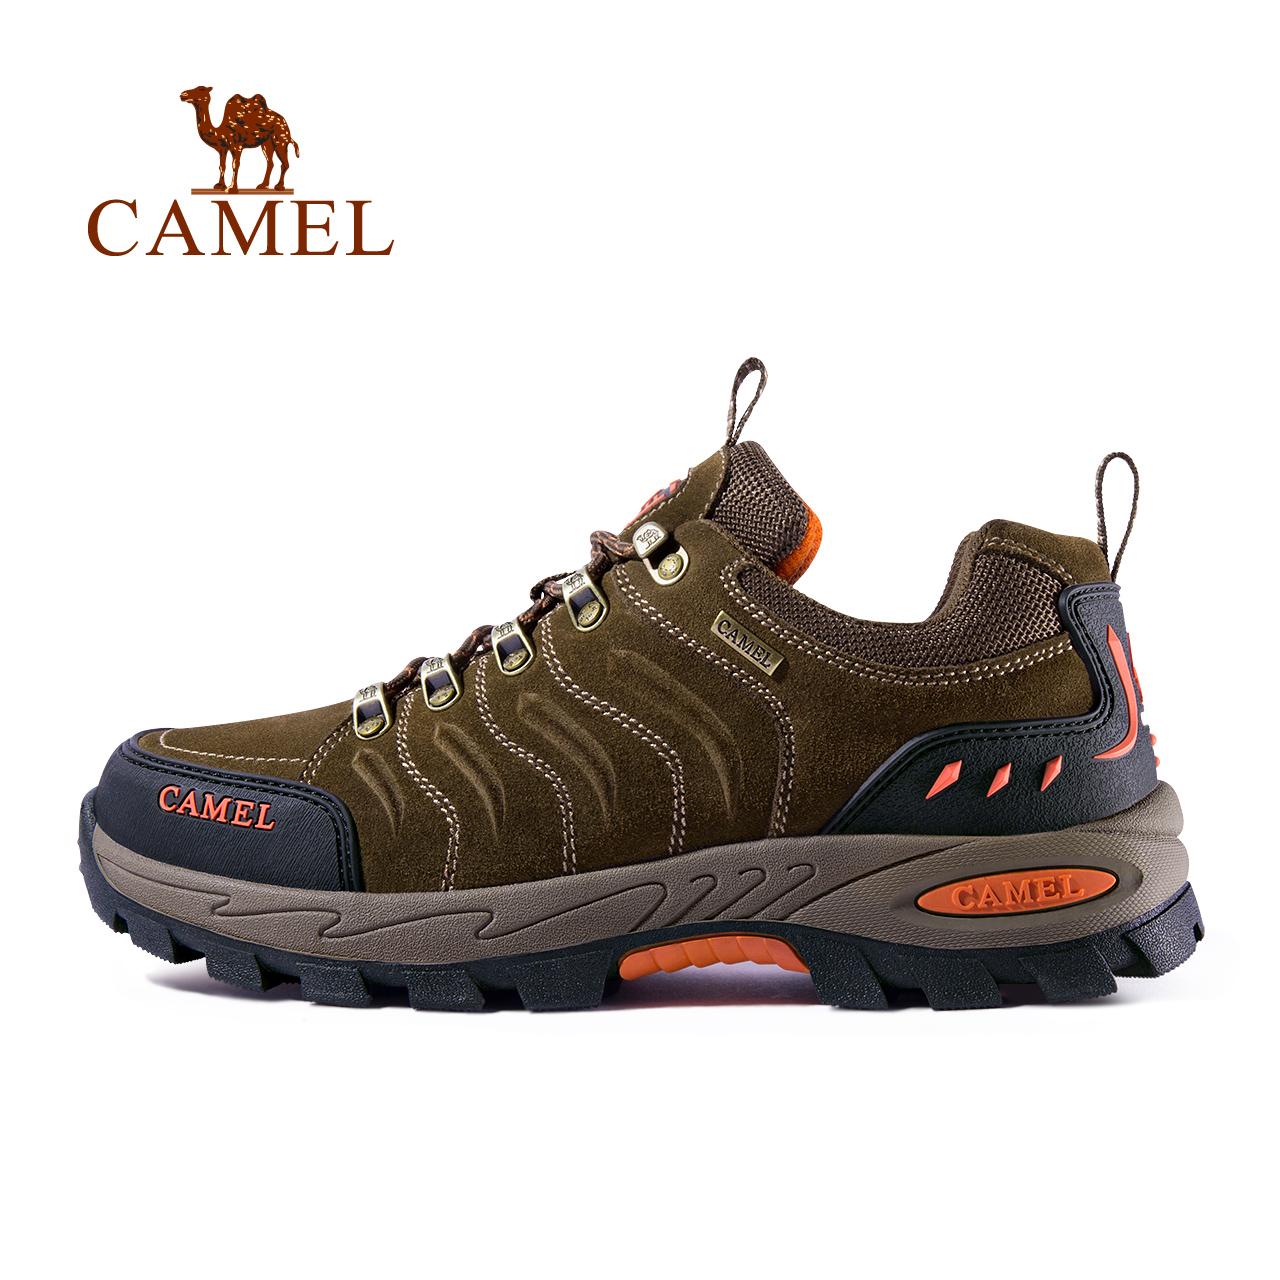 骆驼户外登山鞋男女秋冬季防滑减震耐磨休闲徒步鞋户外运动滑雪鞋